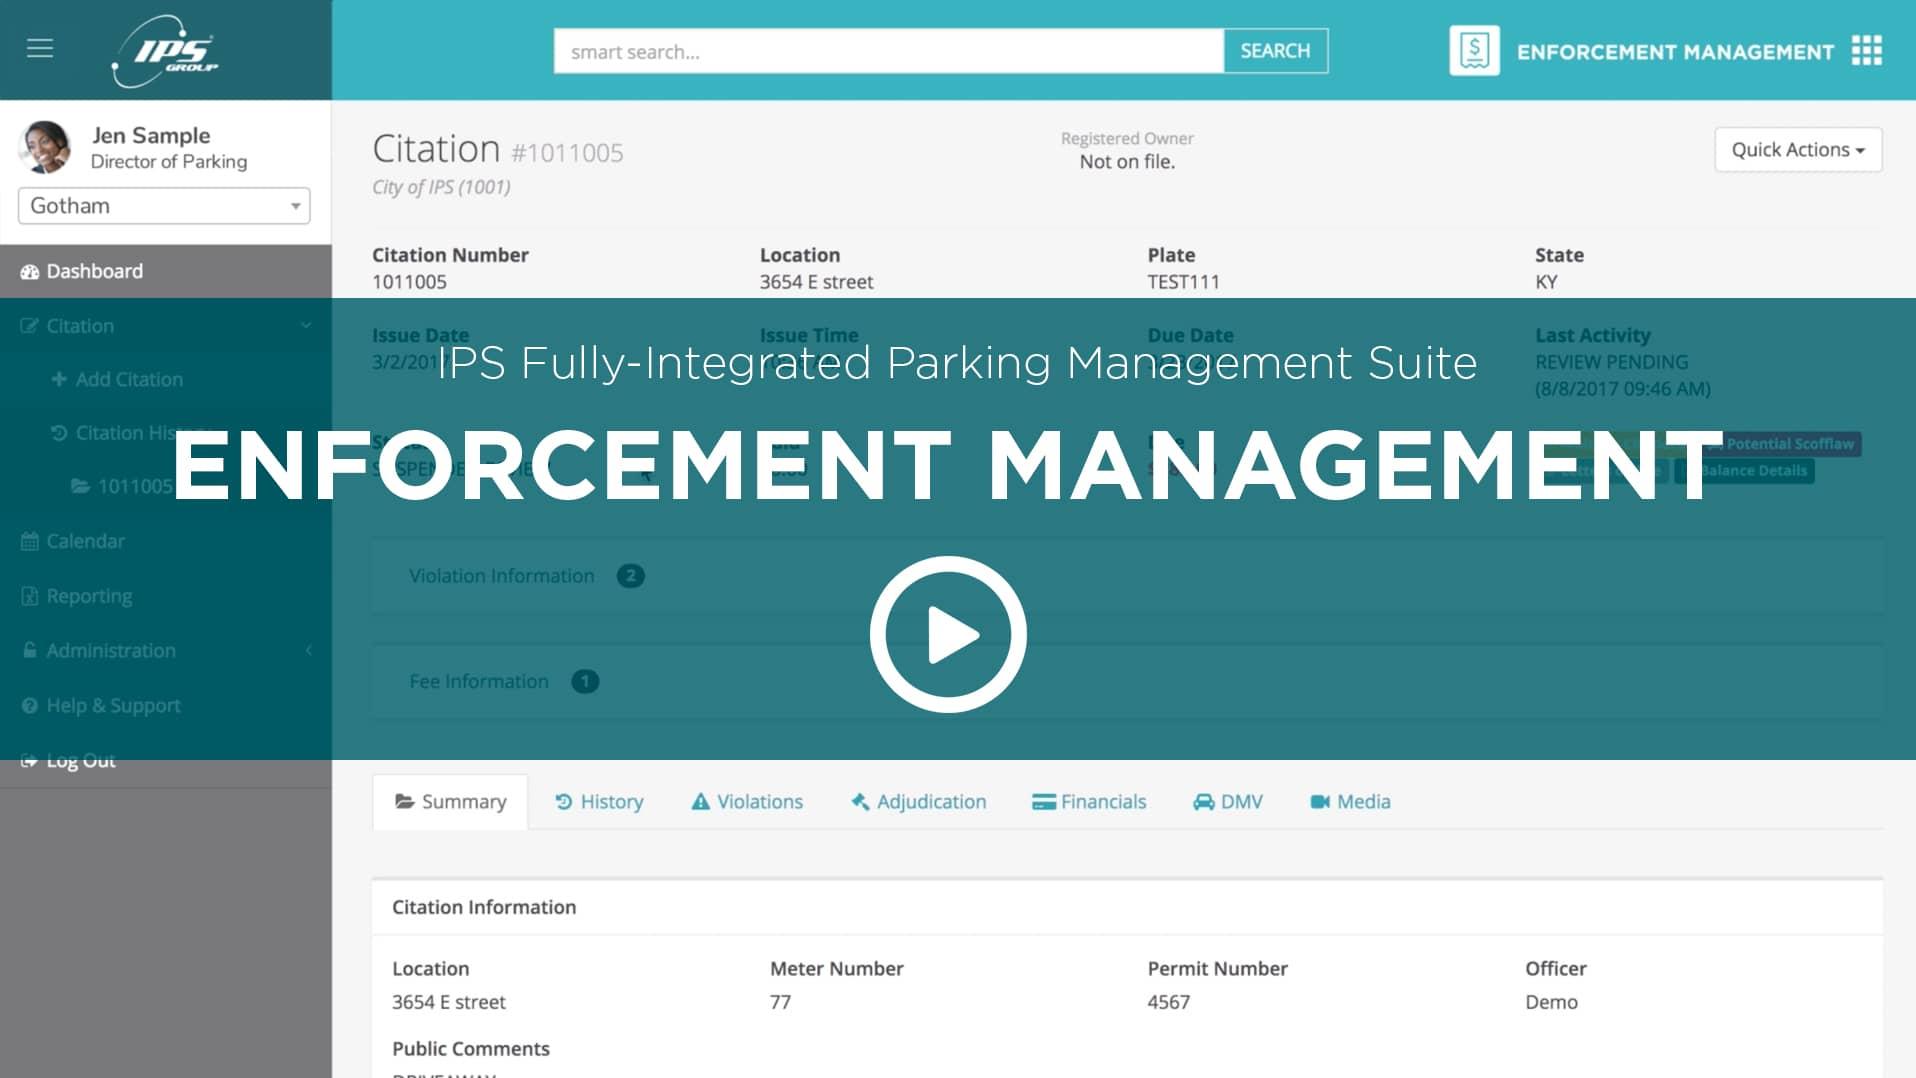 IPS Group Enforcement Management